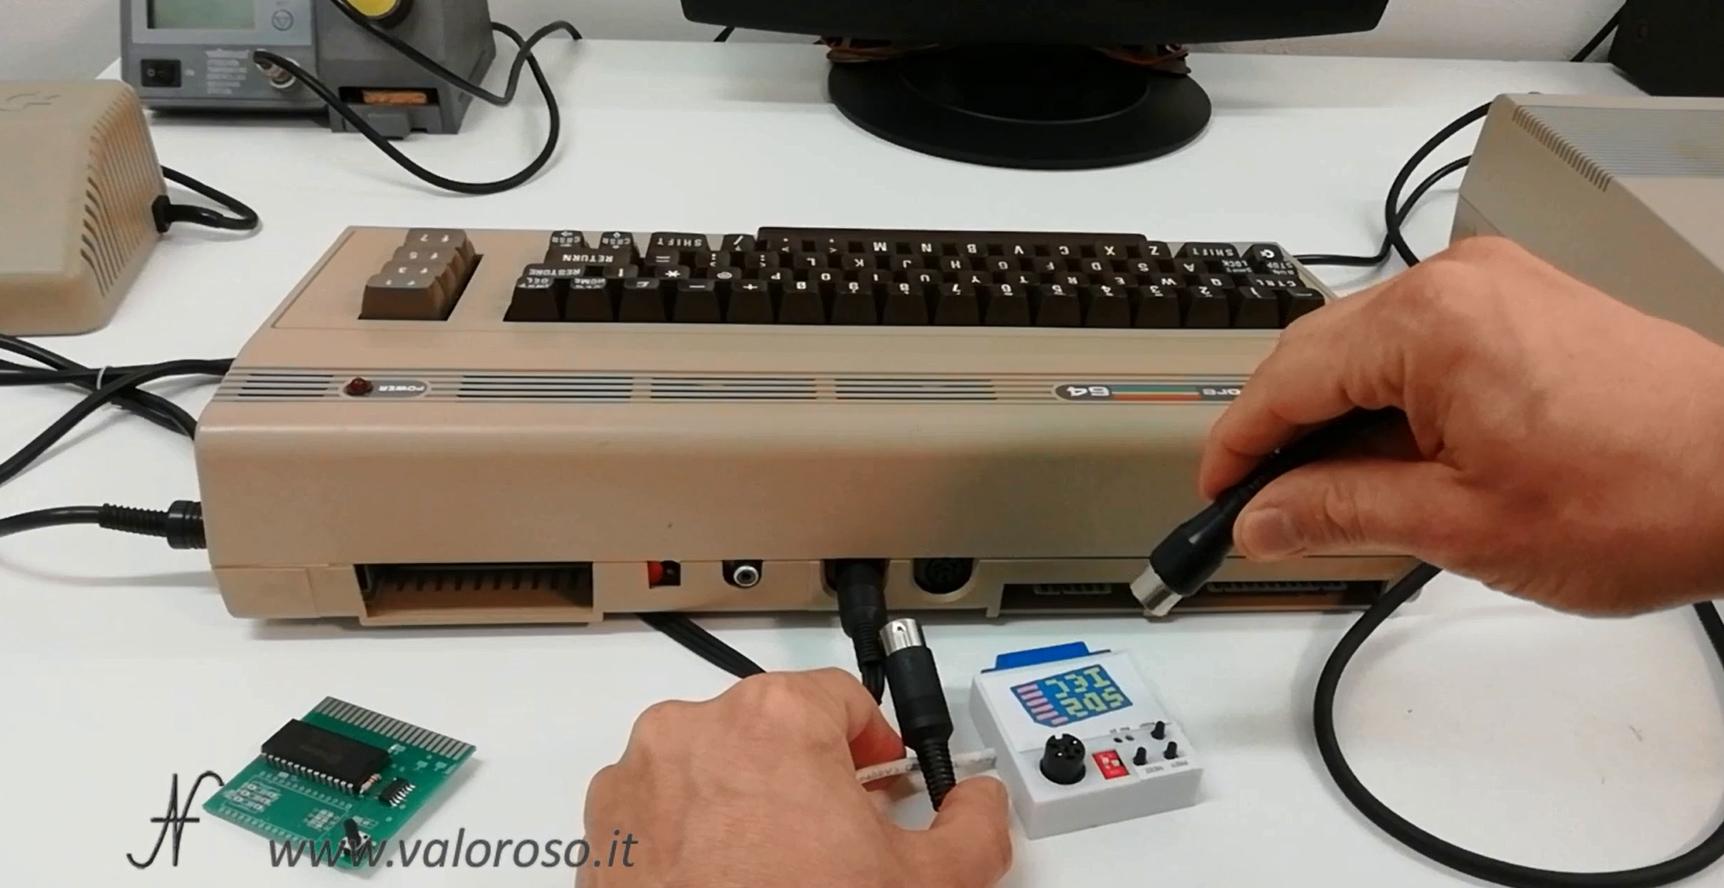 Collegamento fastload, emulatore SD2IEC address 9, floppy disc drive 1541 address 8, Commodore 64